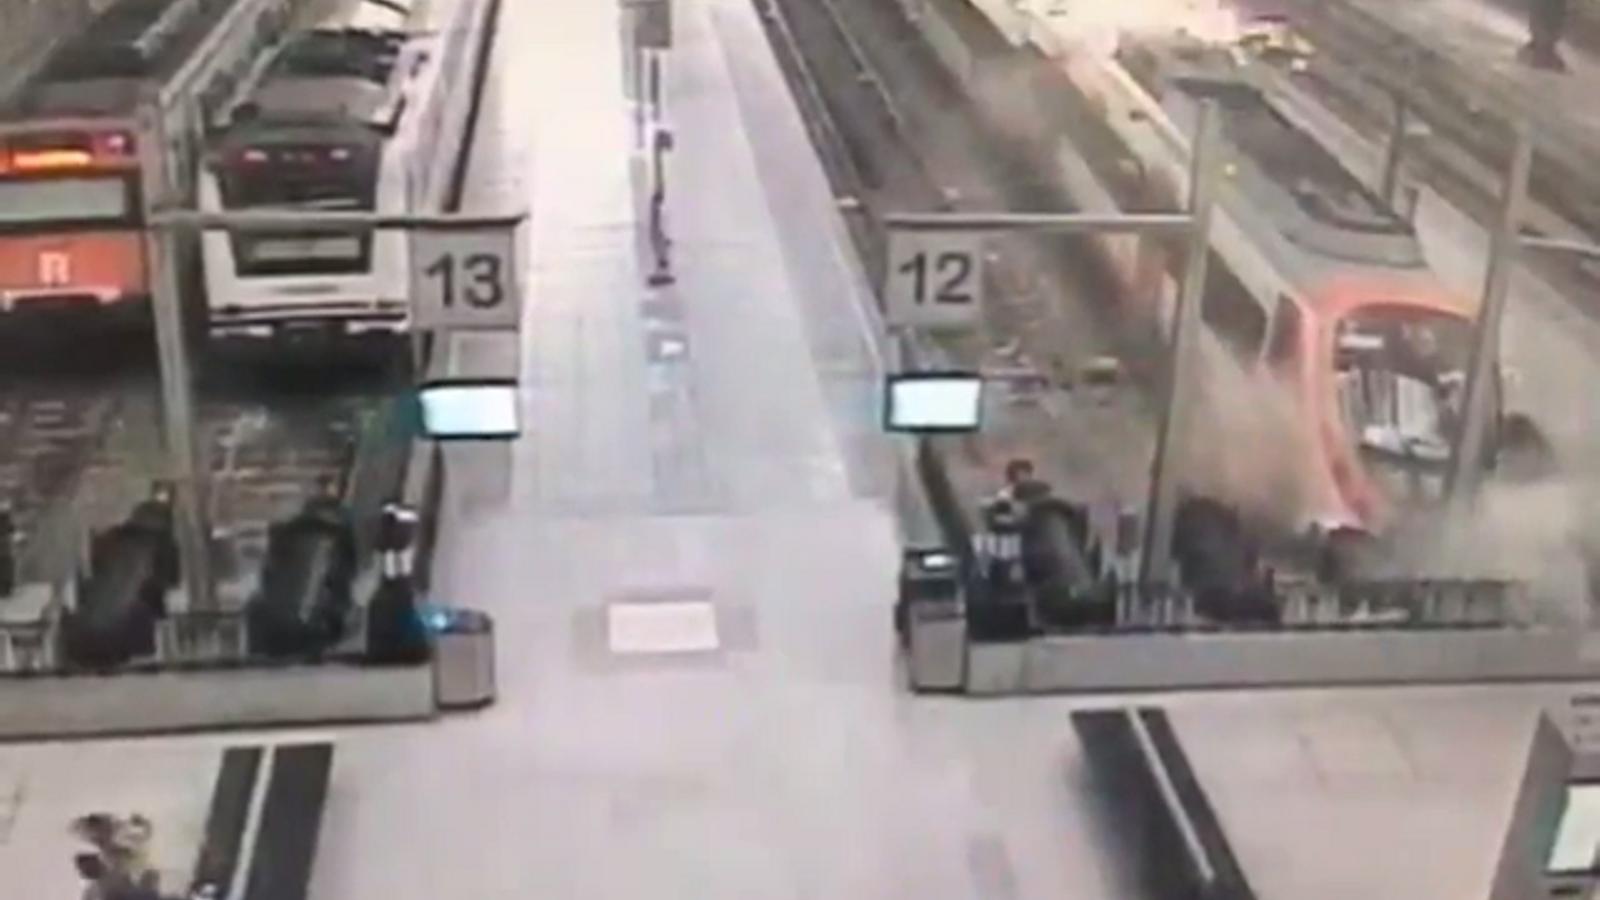 Una càmera de seguretat va captar el moment del xoc del tren a l'estació de França